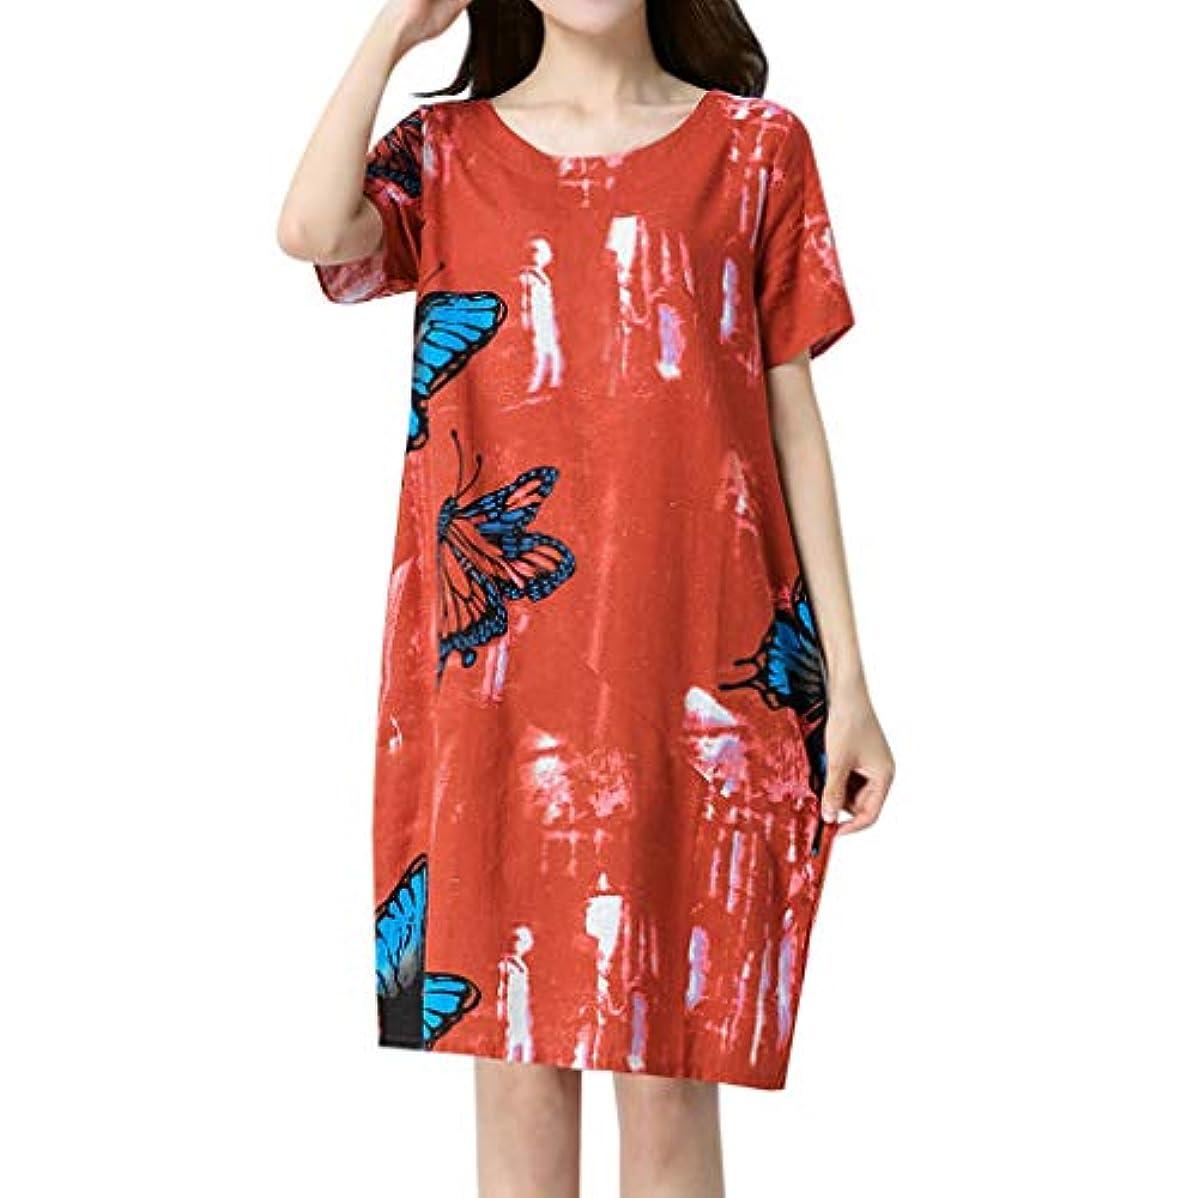 囲む環境呼ぶワンピース レディース Rexzo 蝶柄 半袖 綿麻ワンピース ポケットあり カジュアル リネンワンピ おしゃれ 優しい風合い ワンピース ゆったり 体型カバー ドレスファッション 人気 スカート 日常 デート パーティー